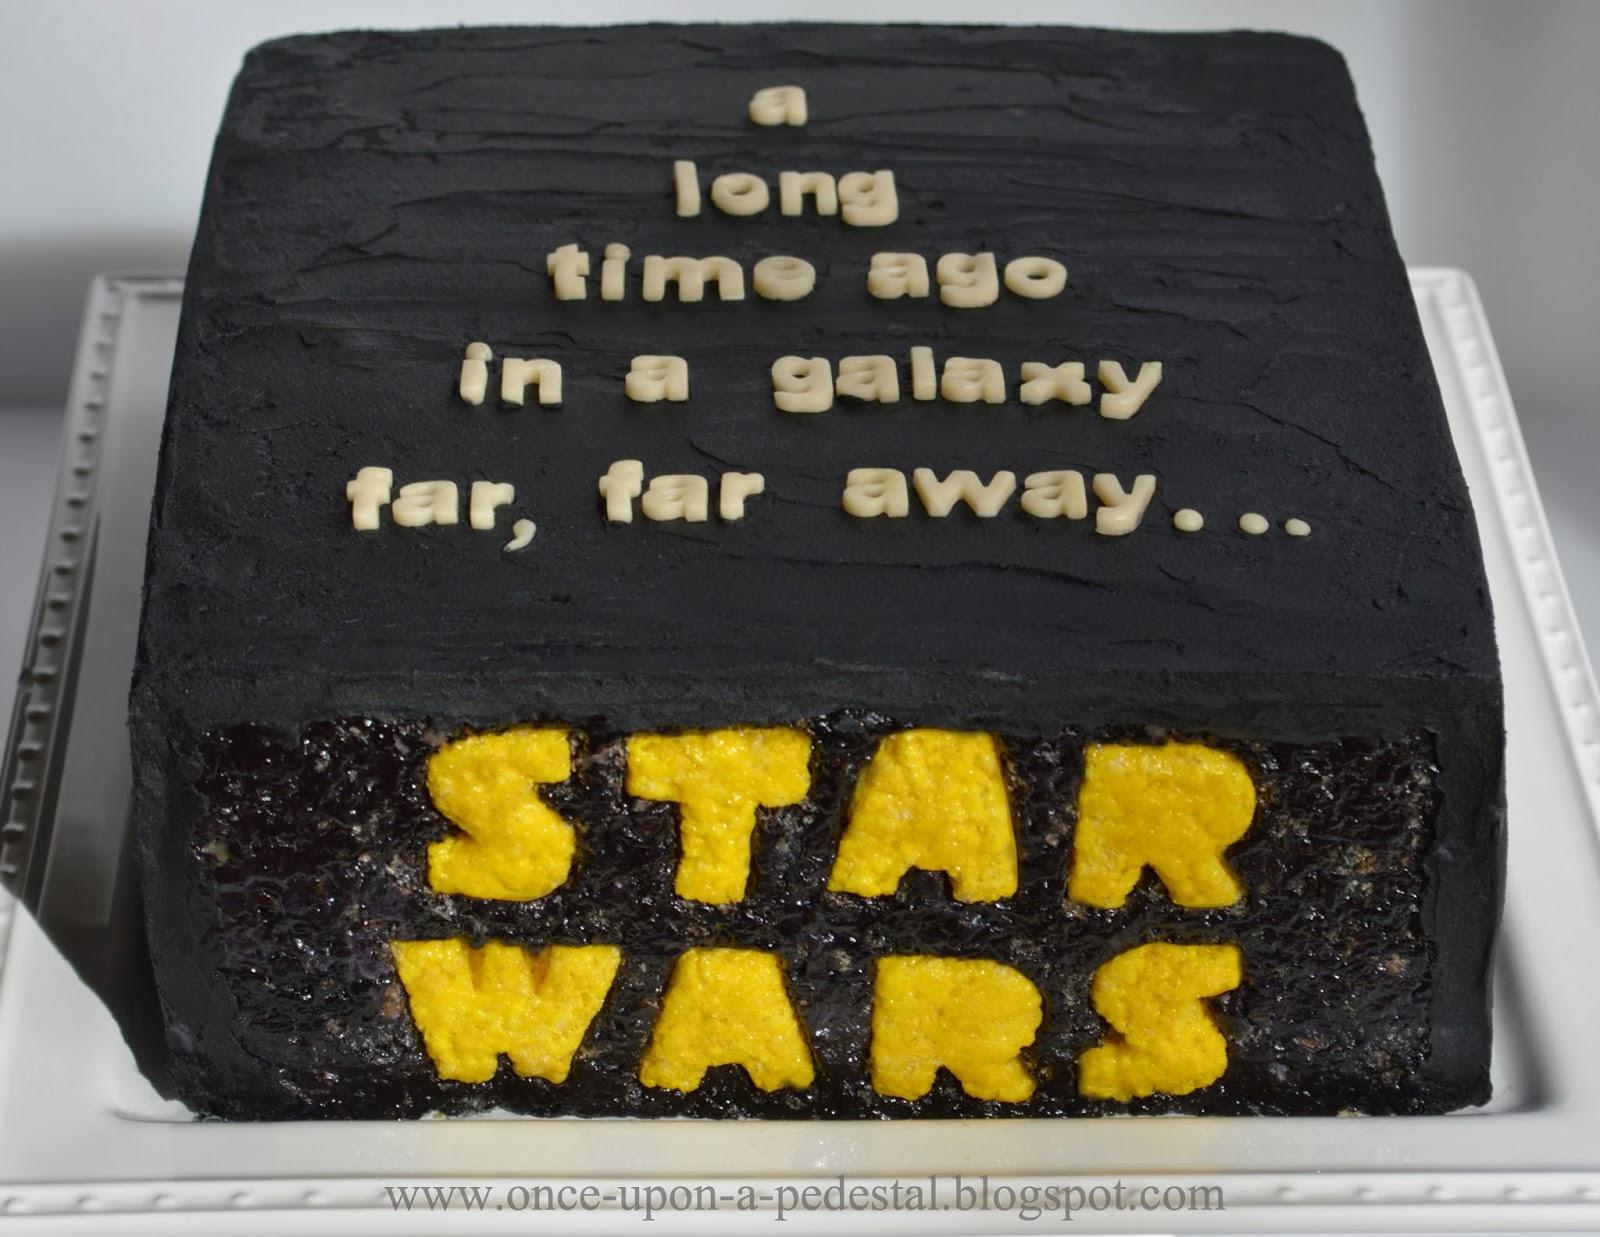 star-wars-cake-surprise-inside-text-rice-krispies-gluten-free-cake-deborah-stauch